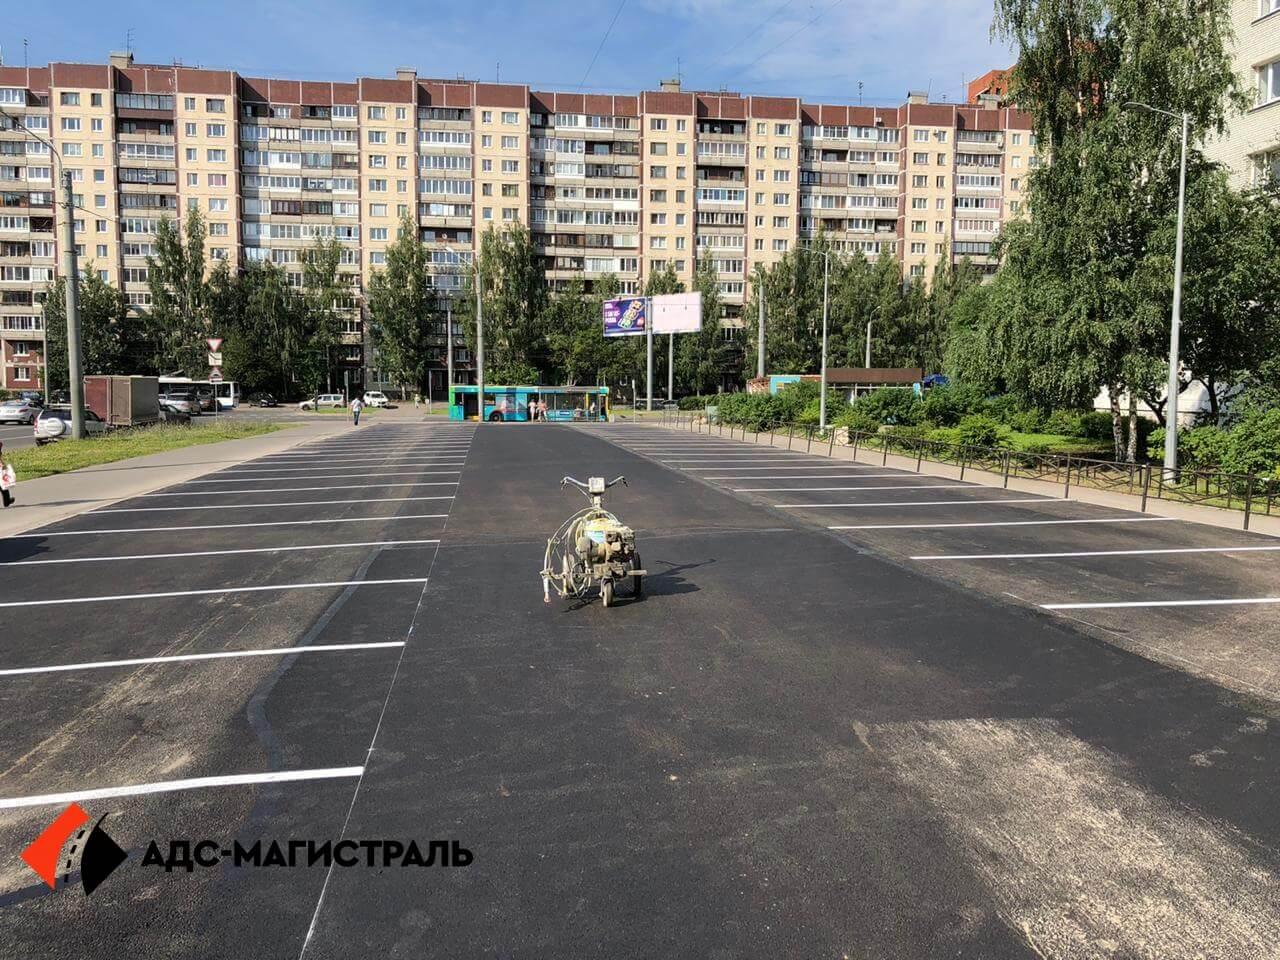 укладка асфальта на парковке Уточкина фото 9